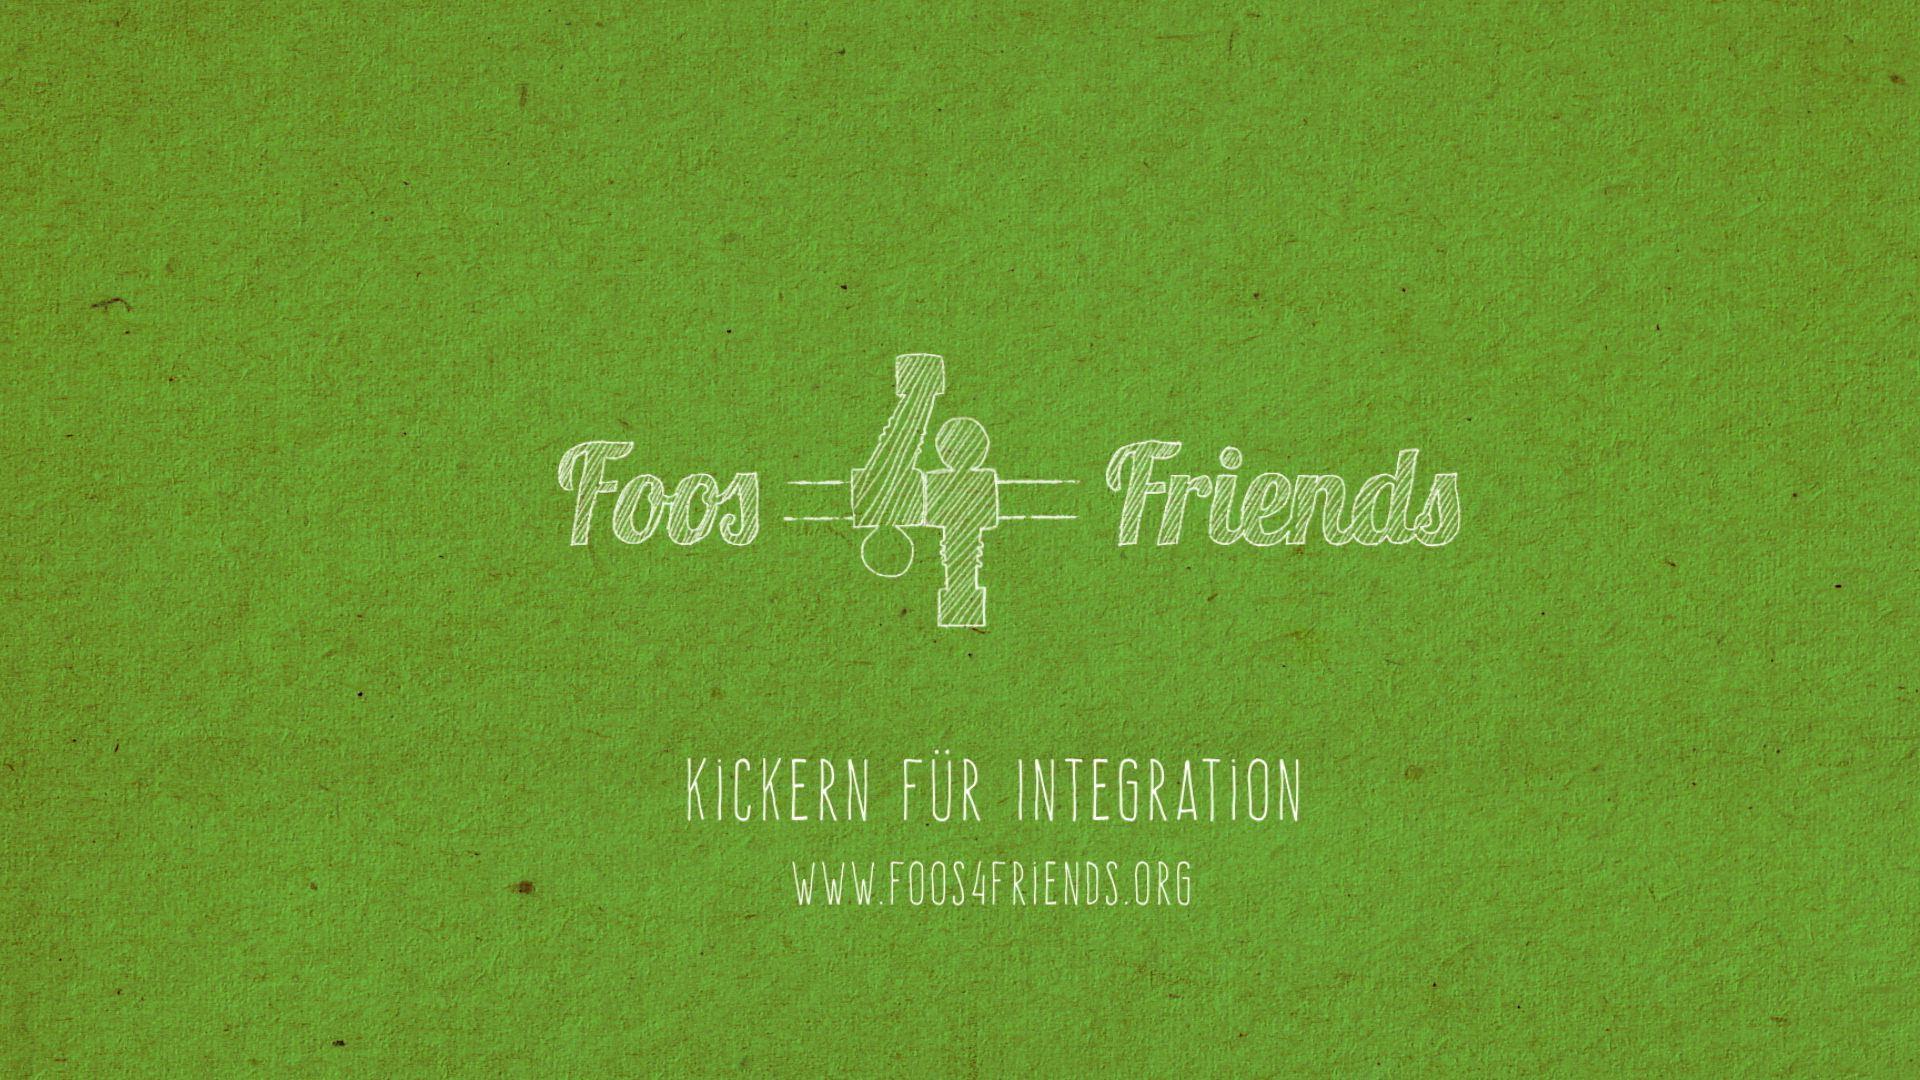 foos4friends05